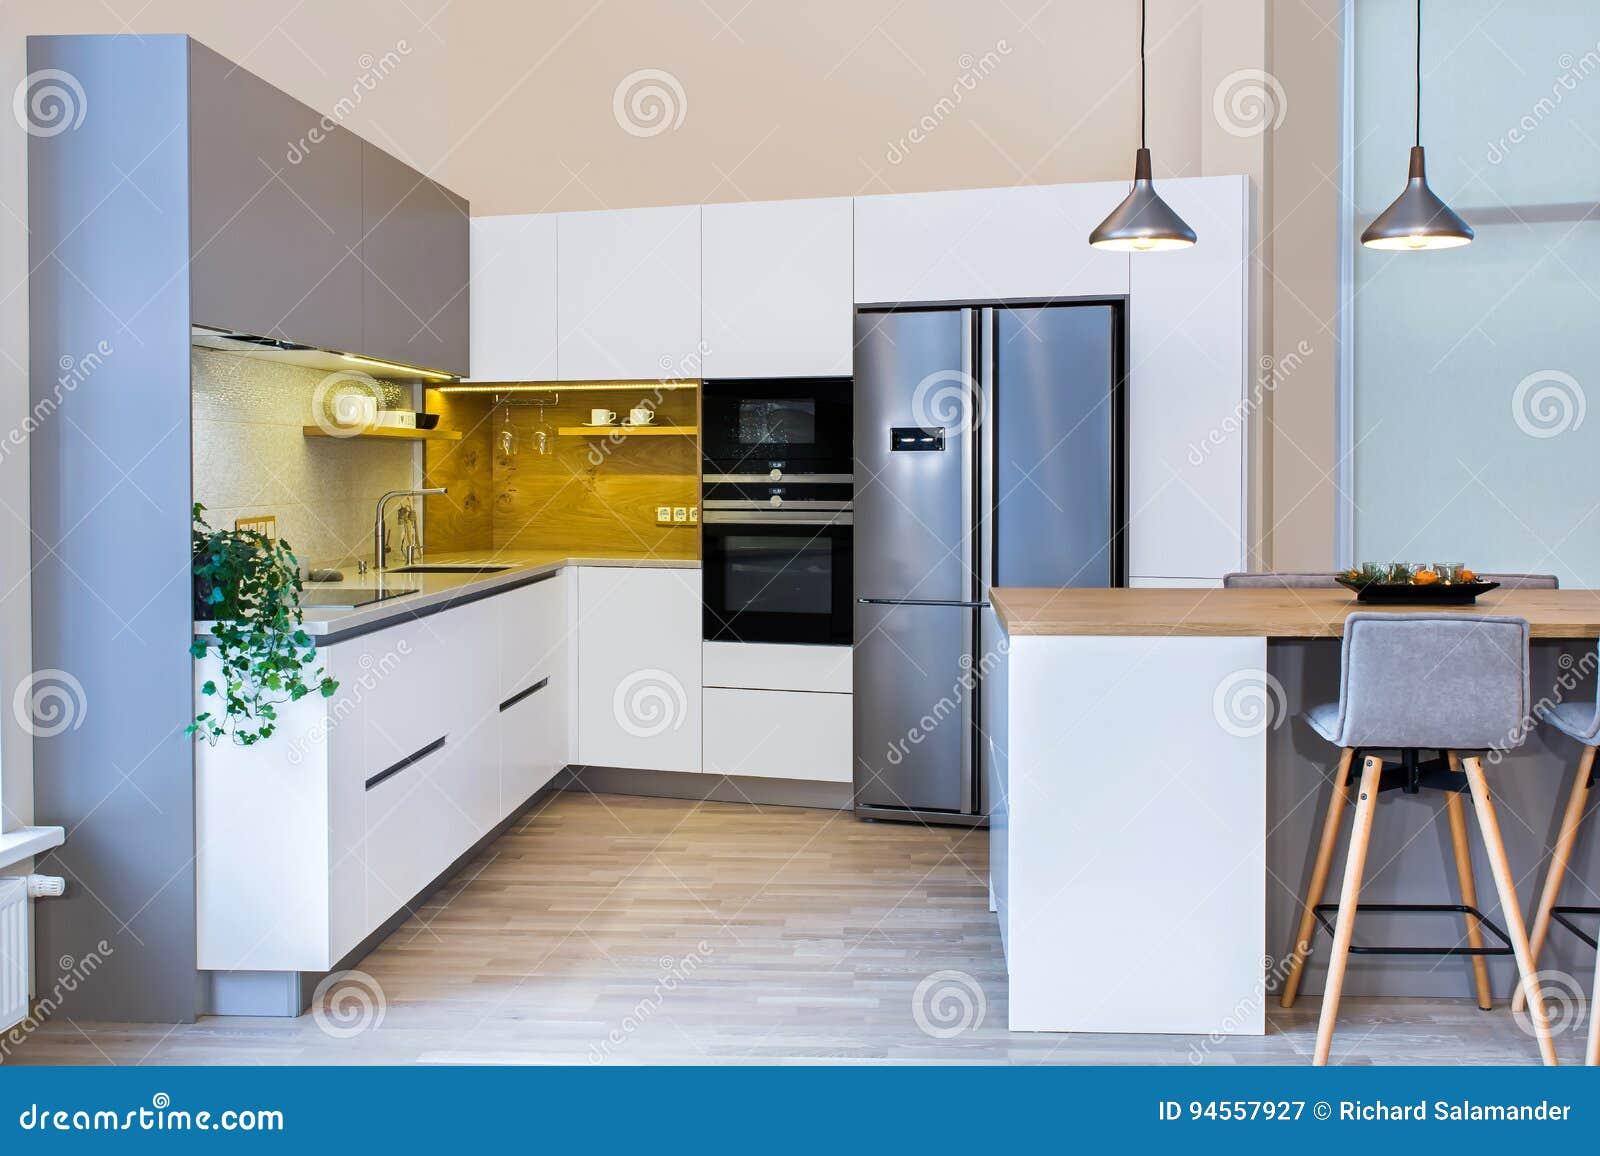 797a9e2d292adb Modernes Küchendesign Im Hellen Innenraum Stockbild - Bild von ...